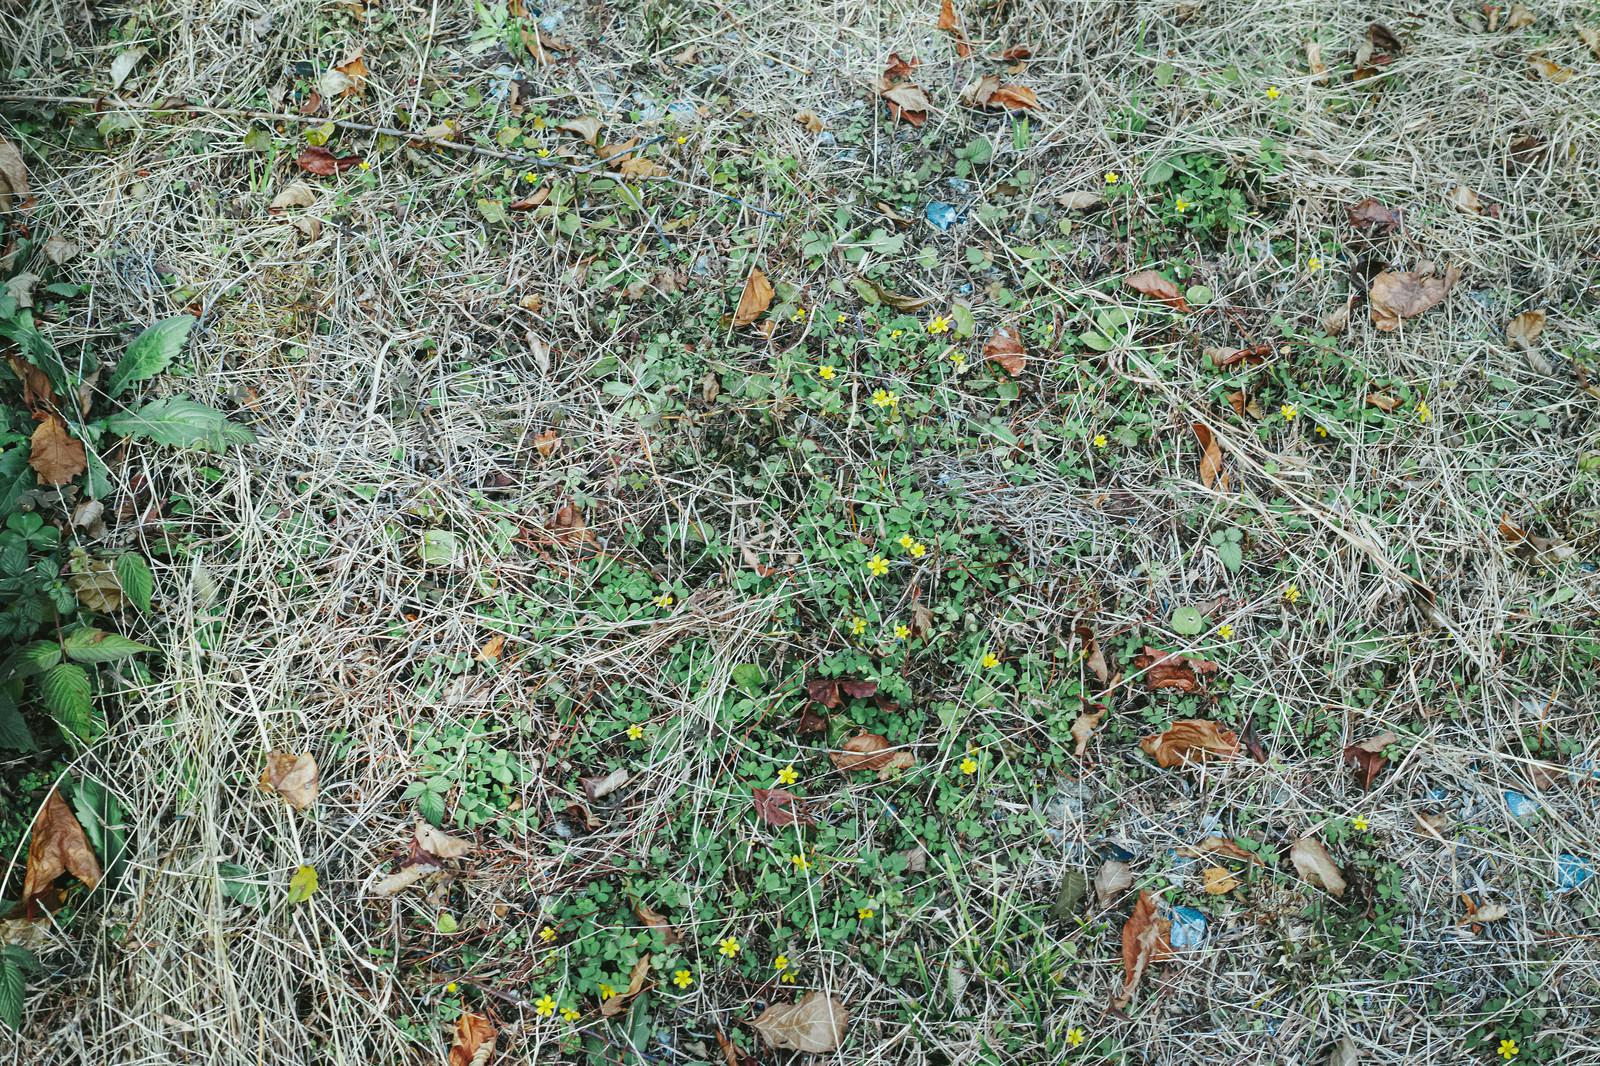 「枯れ葉散る地面と雑草(テクスチャ)」の写真